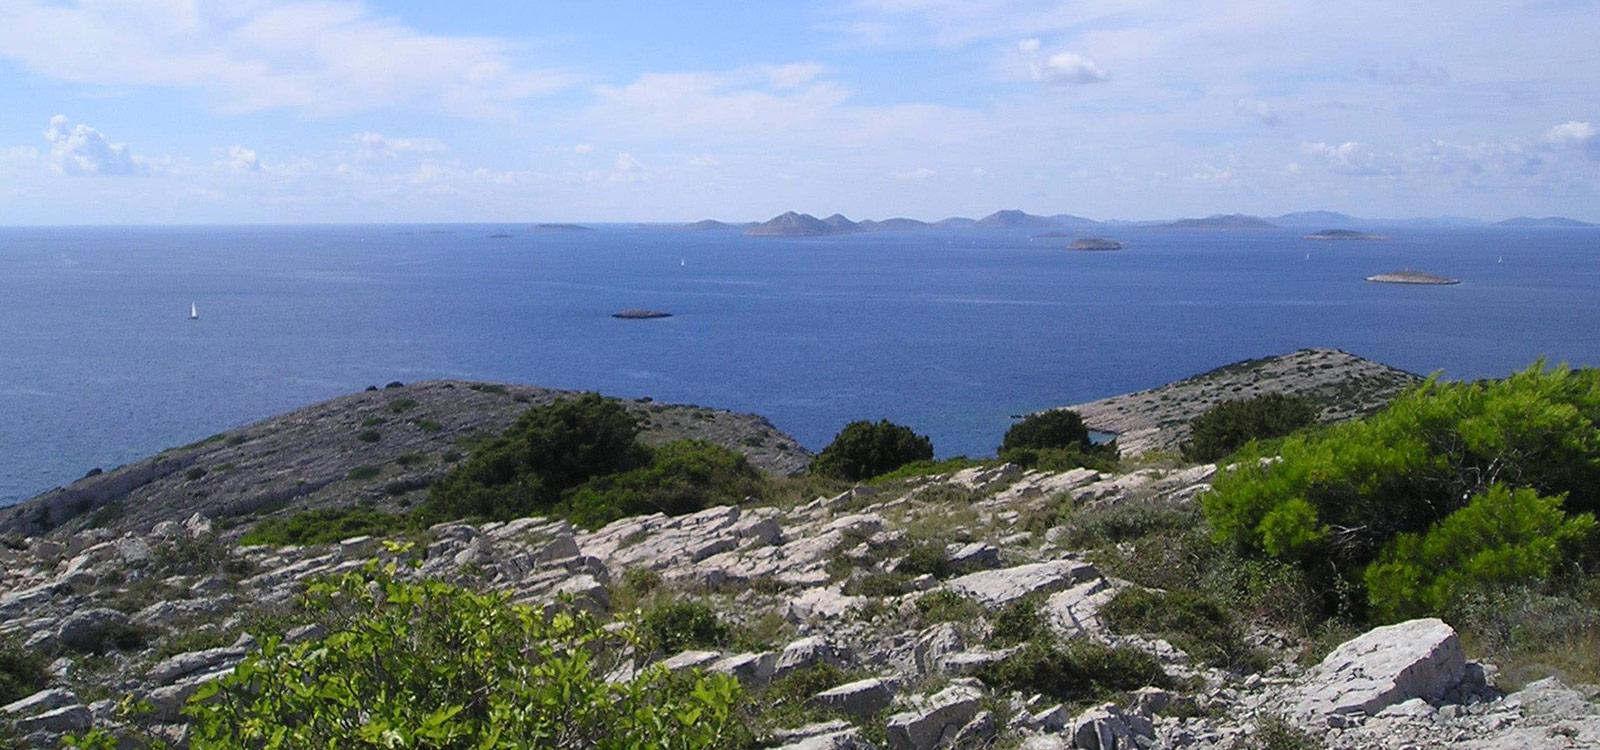 Slika otok Žirja